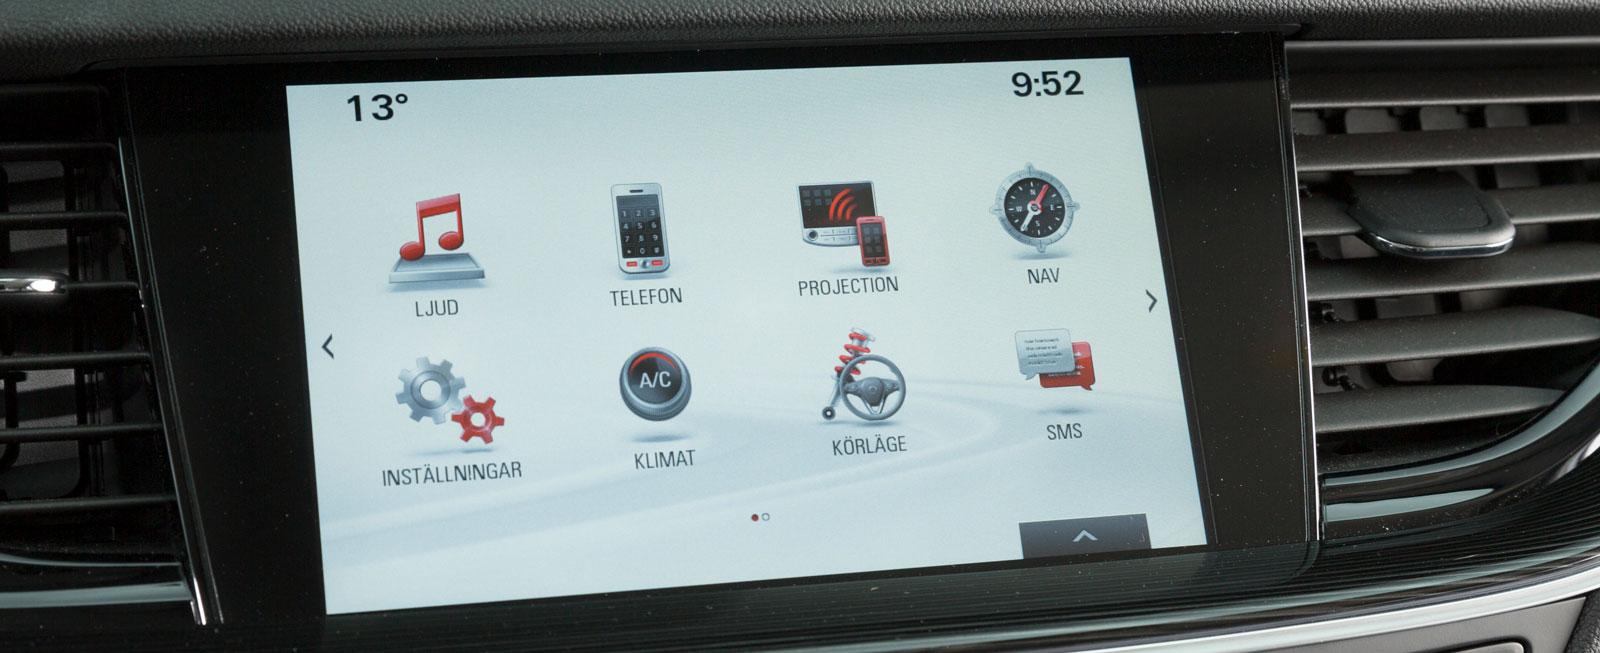 Även Opels skärm reagerar snabbt och systemet är dessutom hyfsat lätt att komma underfund med. Rattmanövreringen fungerar betydligt smidigare än i Ford.